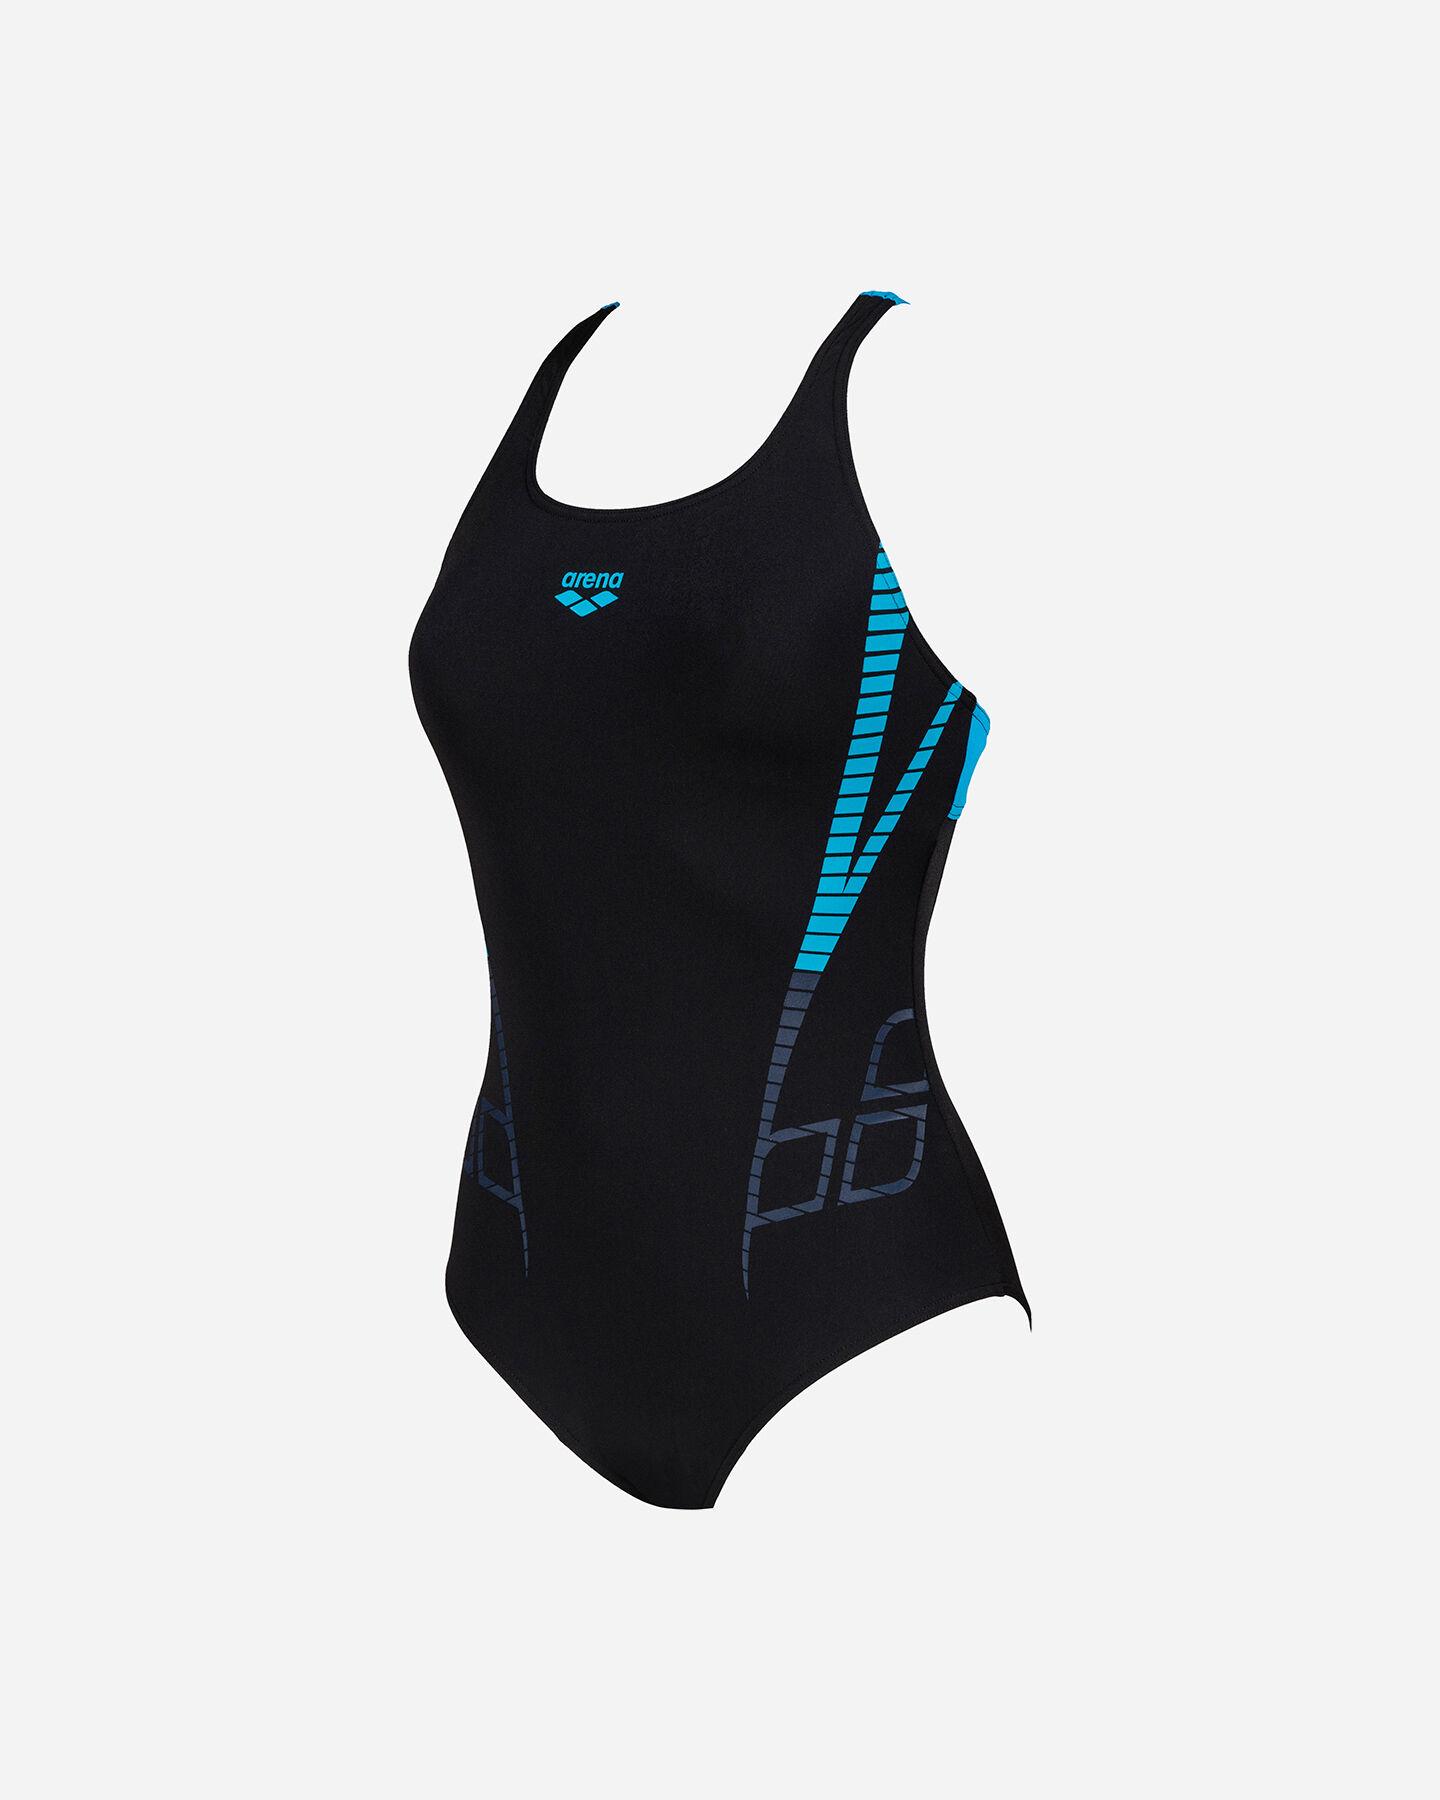 Costume piscina ARENA SHINER PRO BACK W S5265117 scatto 0